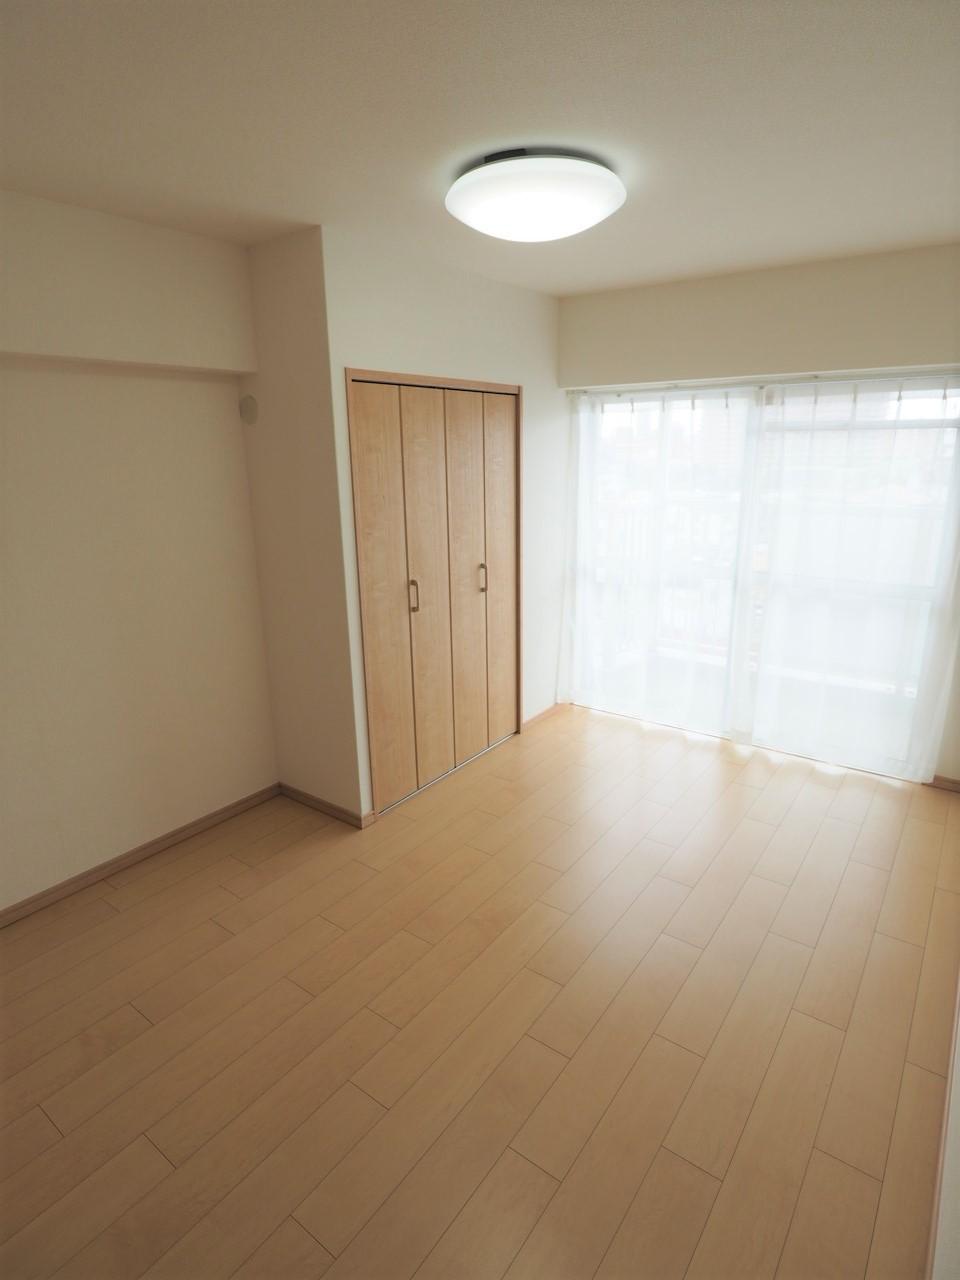 室内全面改装済なのでお手入れ不要で即入居可能です(`・ω・´)